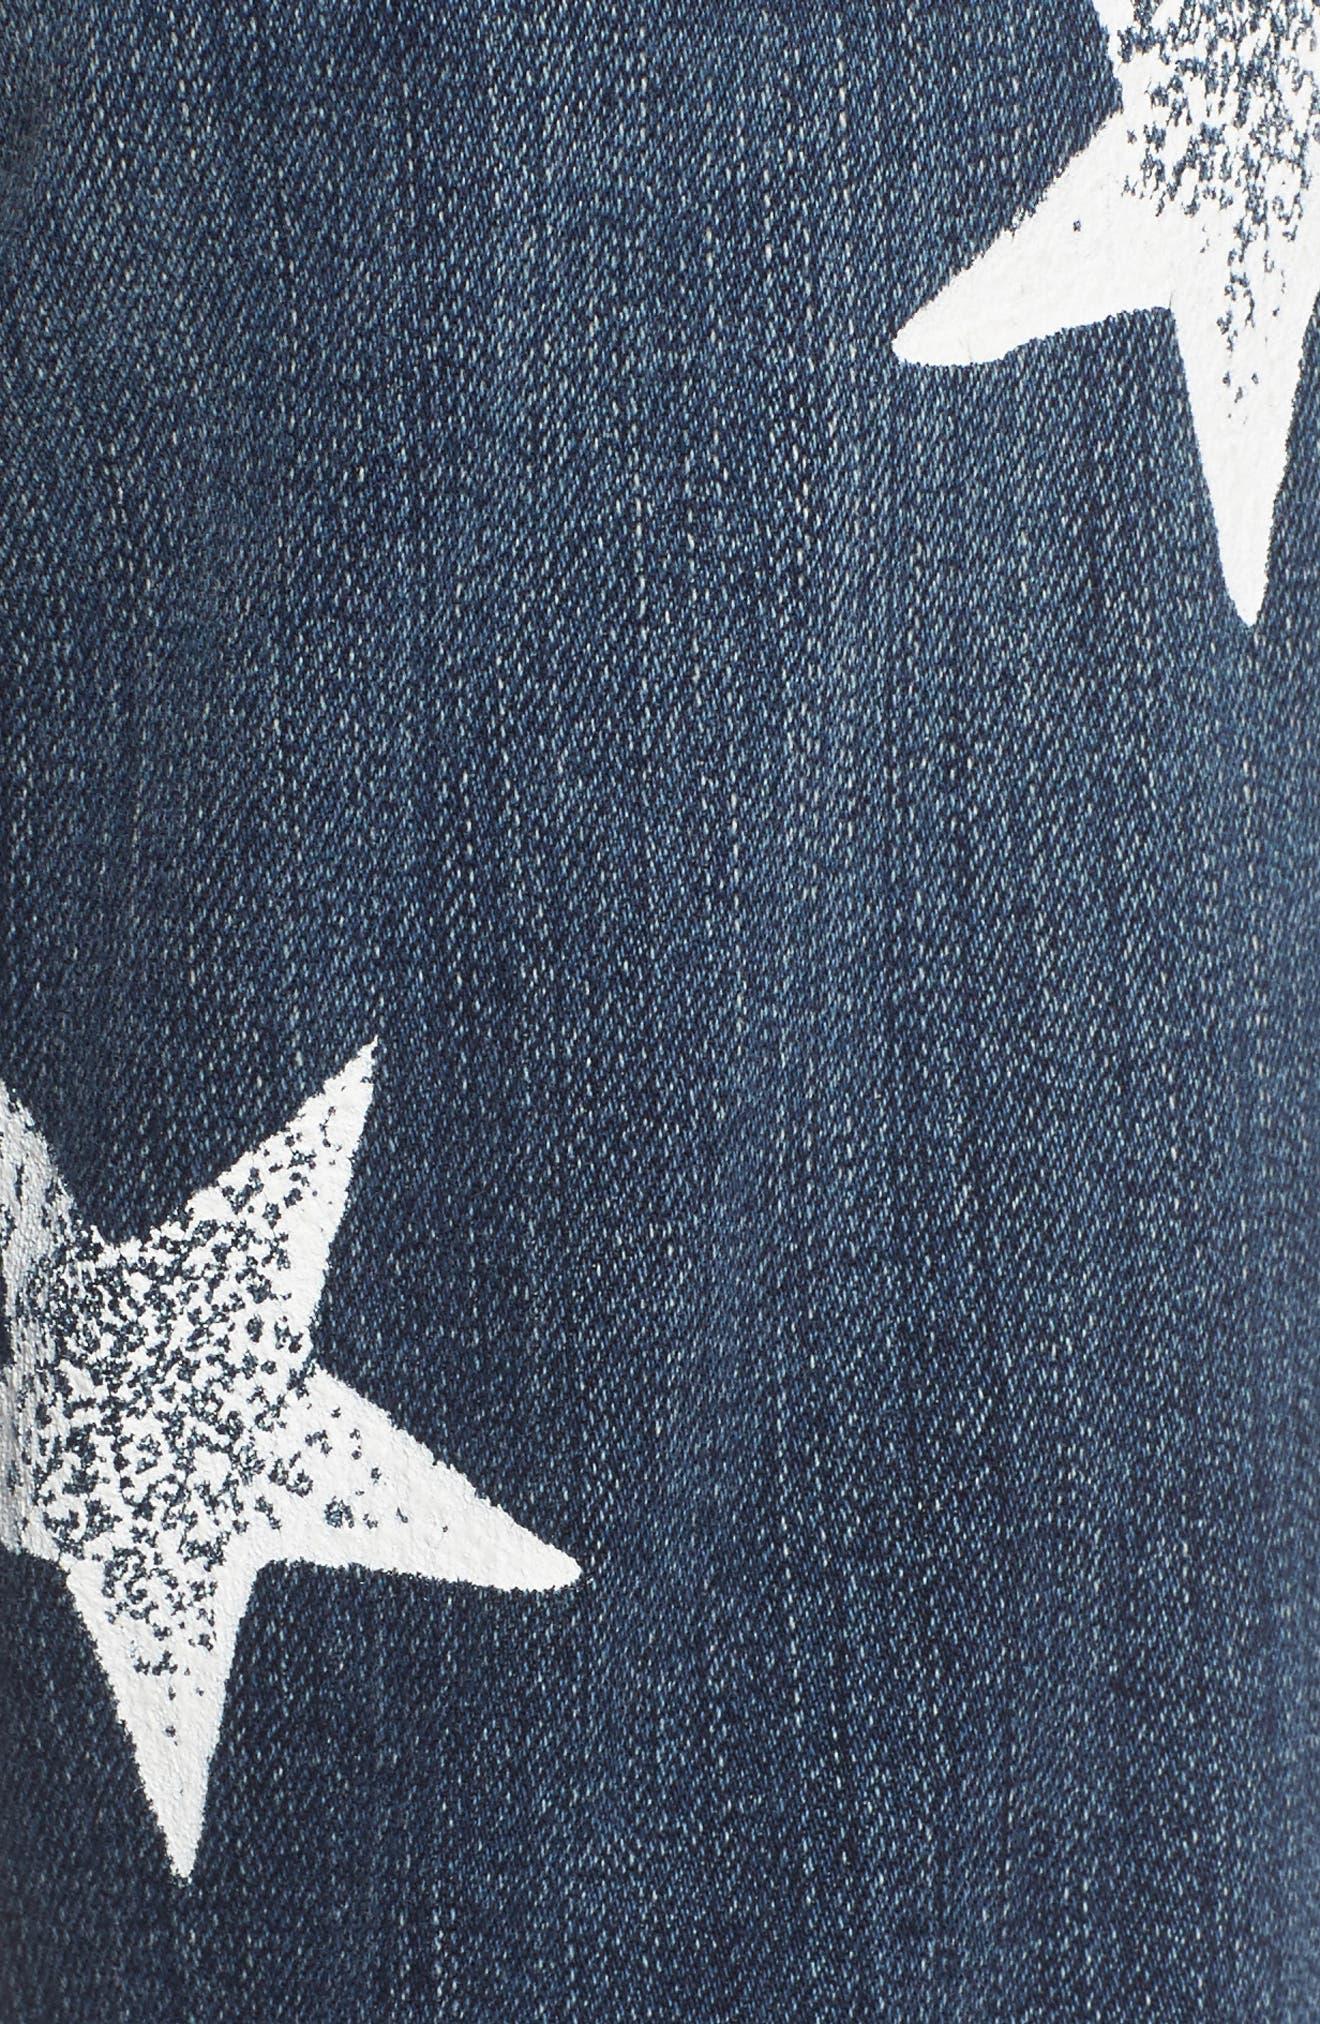 The Fling High Waist Boyfriend Jeans,                             Alternate thumbnail 6, color,                             Loved Destroy/ White Stars